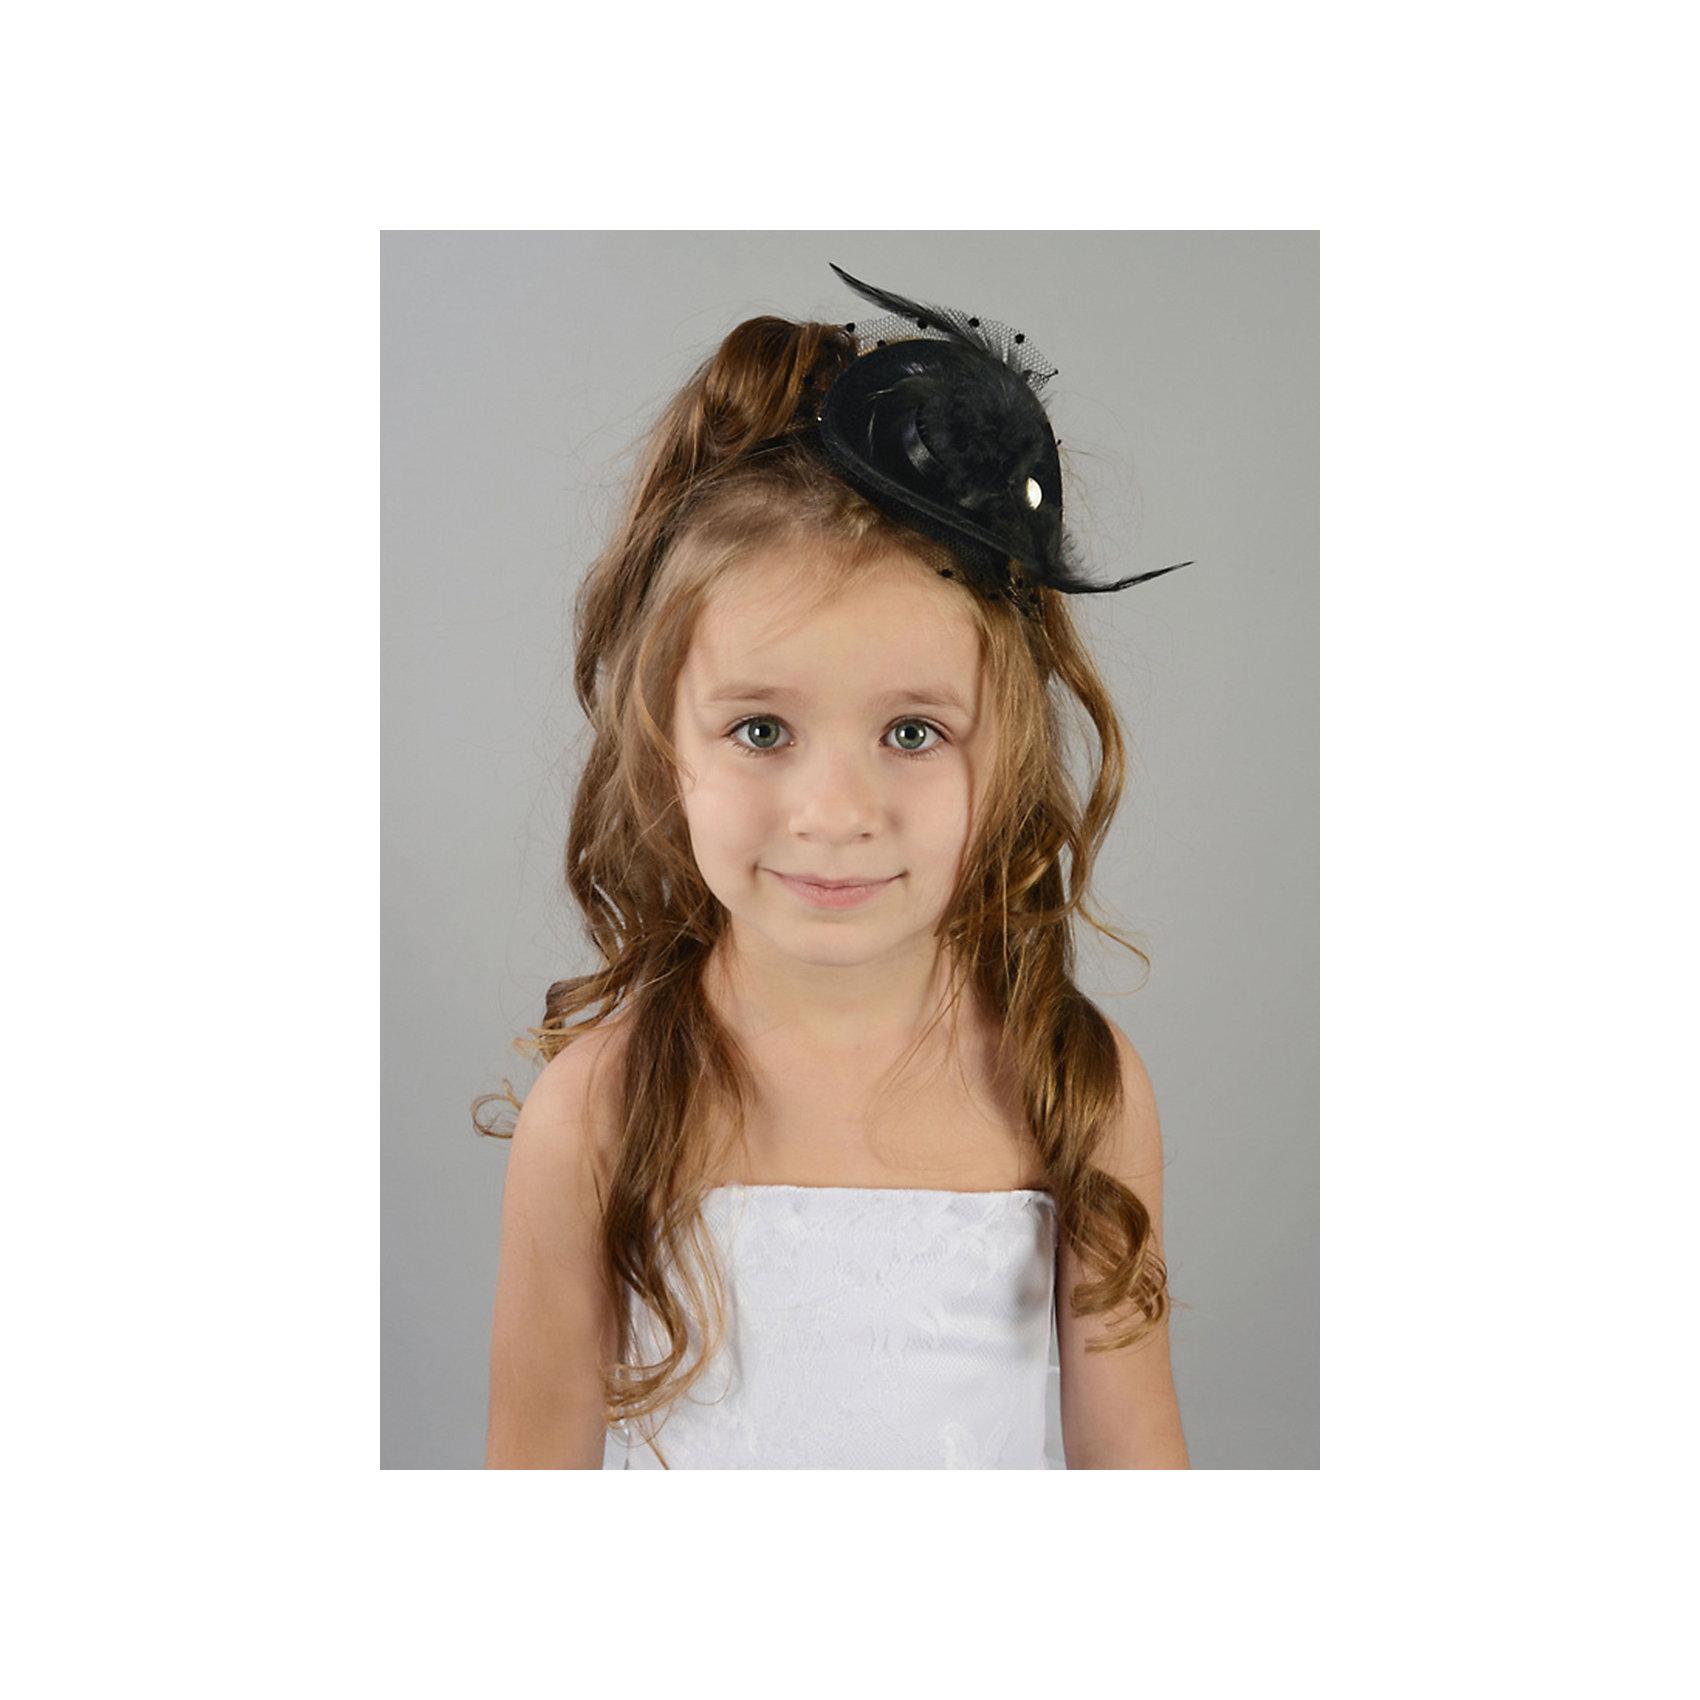 Нарядная шляпа-ободок ПрестижОдежда<br>Шляпа для девочки Престиж.<br><br>Характеристики:<br><br>• состав: 100% полиэстер<br>• цвет: черный<br>• тип: ободок<br><br>Ободок для девочки отлично дополнит любой праздничный наряд. Ободок выполнен в виде черной шляпки с перьями и вуалью. С этой шляпкой вы сможете создать утонченный образ для маленькой принцессы!<br><br>Шляпу для девочки Престиж можно купить в нашем интернет-магазине.<br><br>Ширина мм: 89<br>Глубина мм: 117<br>Высота мм: 44<br>Вес г: 155<br>Цвет: черный<br>Возраст от месяцев: 132<br>Возраст до месяцев: 144<br>Пол: Женский<br>Возраст: Детский<br>Размер: one size<br>SKU: 5158379